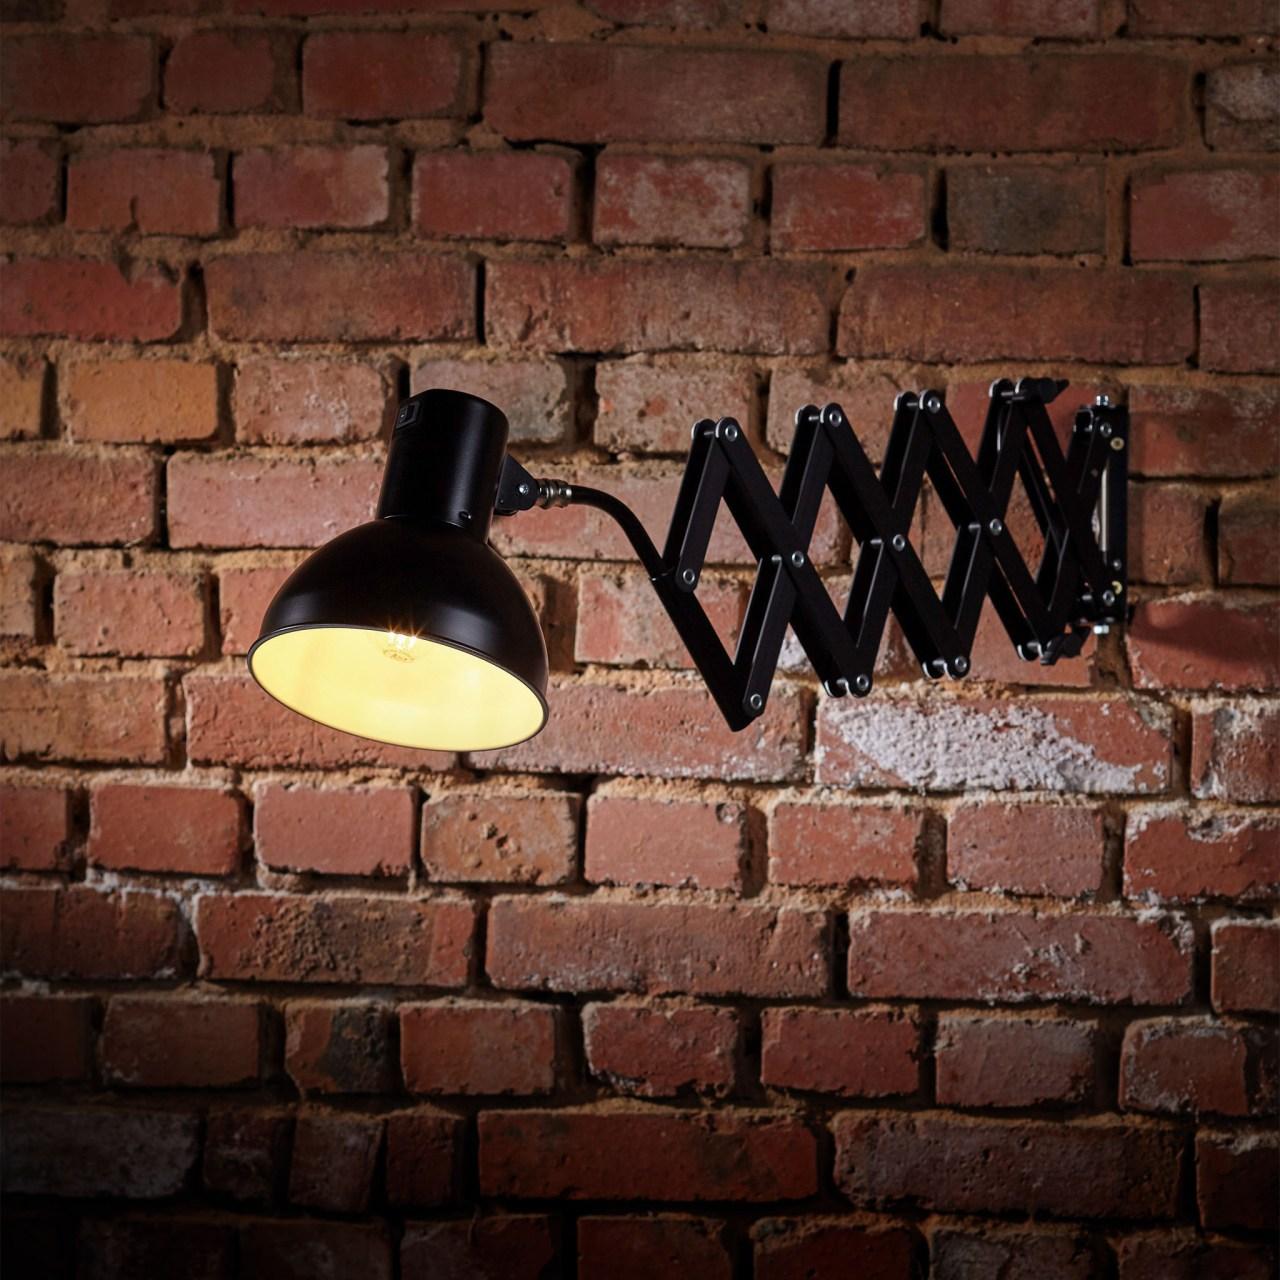 Scherenarmleuchte SIS-Licht 110 mit Ziegelwand